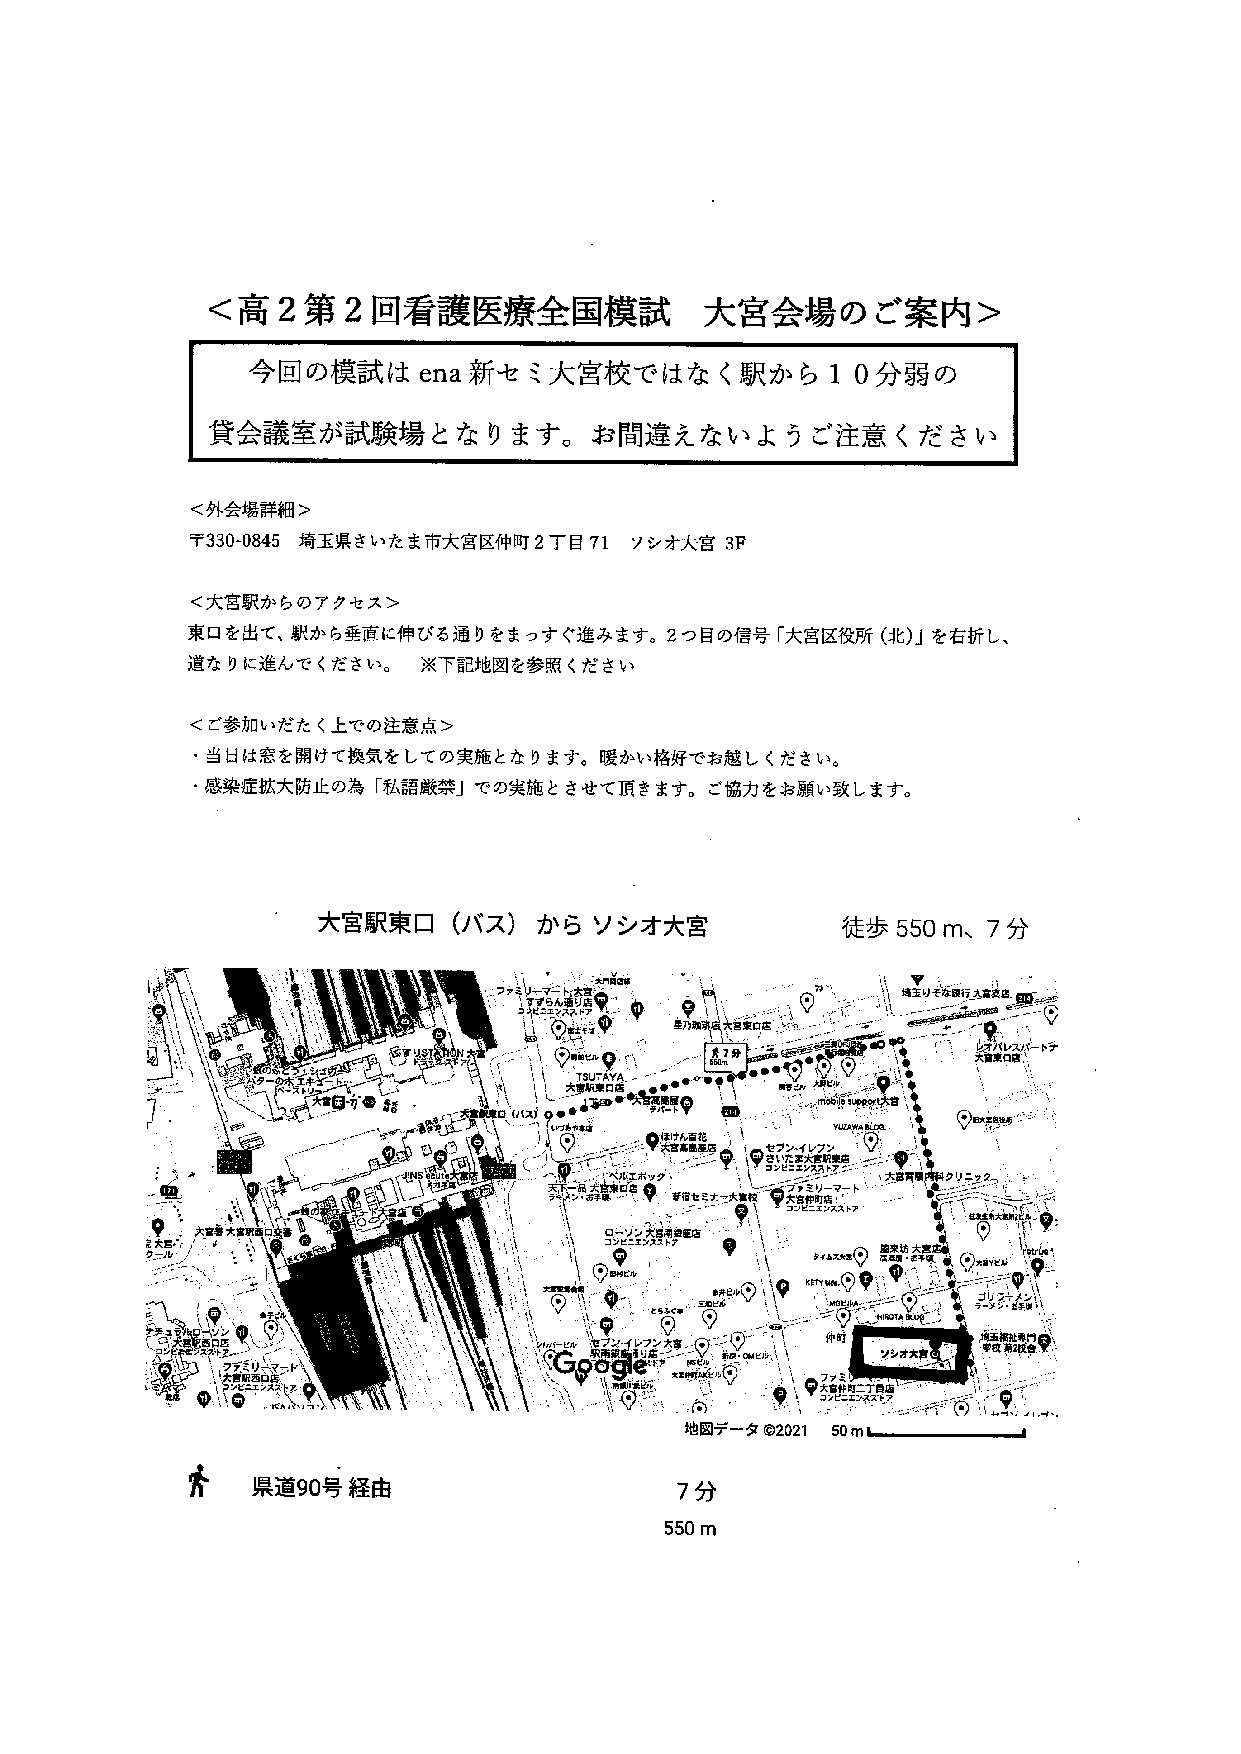 模試会場地図_1